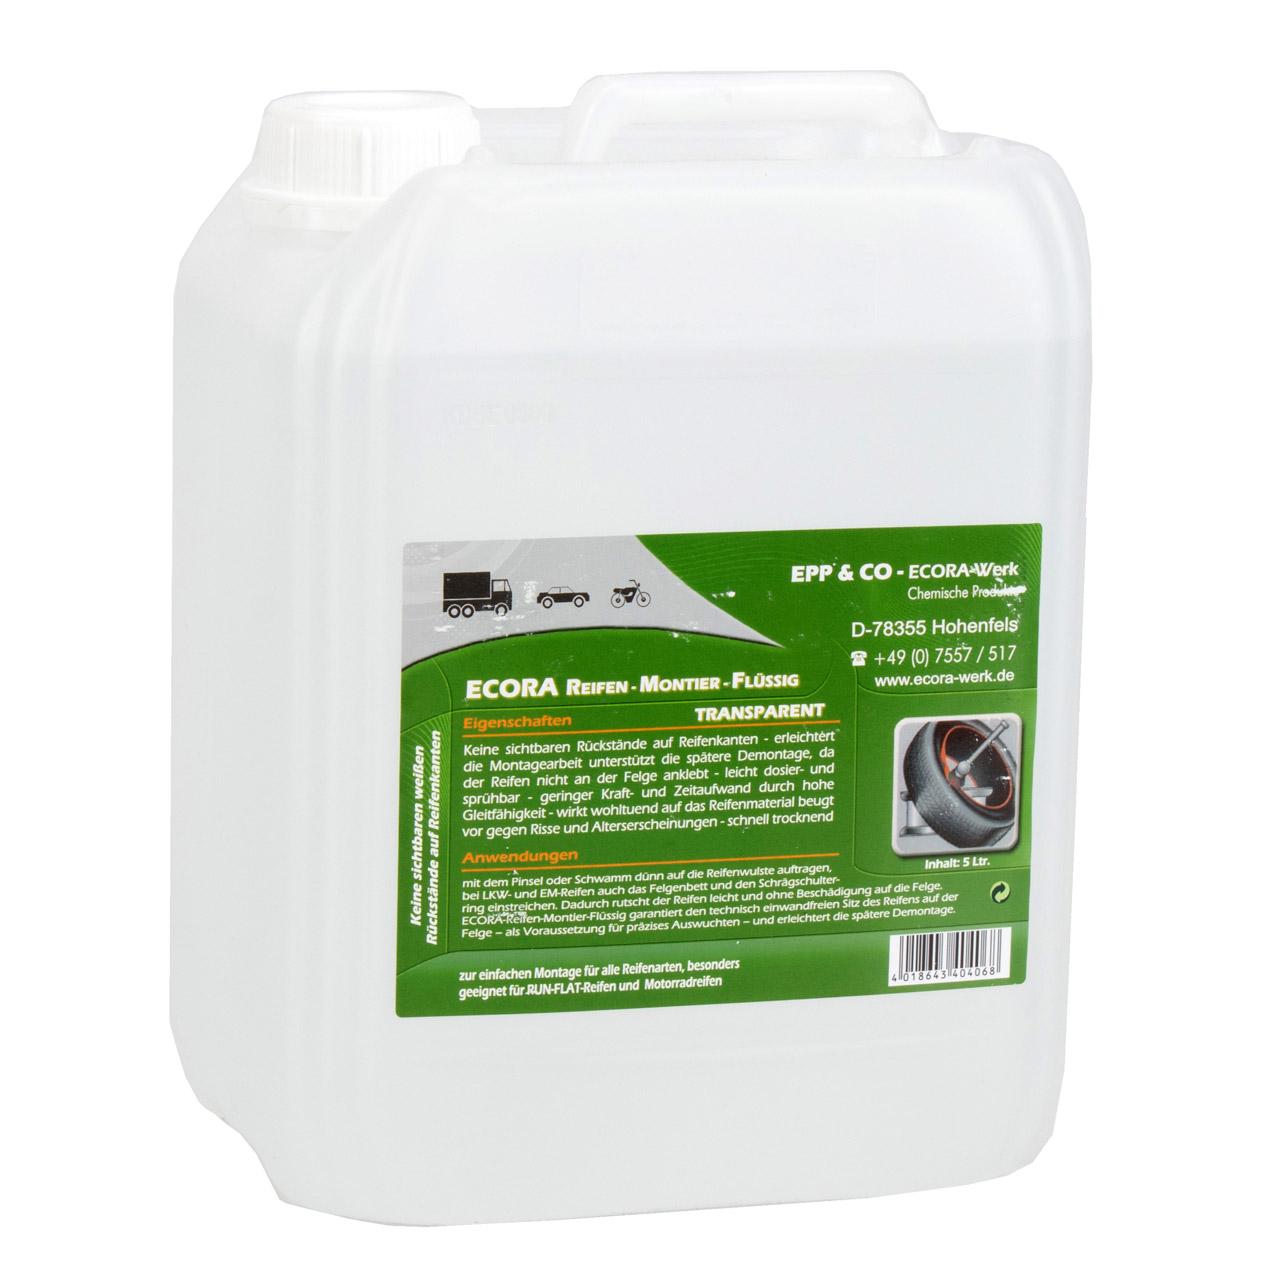 ECORA Reifen-Montier-Flüssig Reifenmontageflüssigkeit Reifenmontage 5L 5 Liter